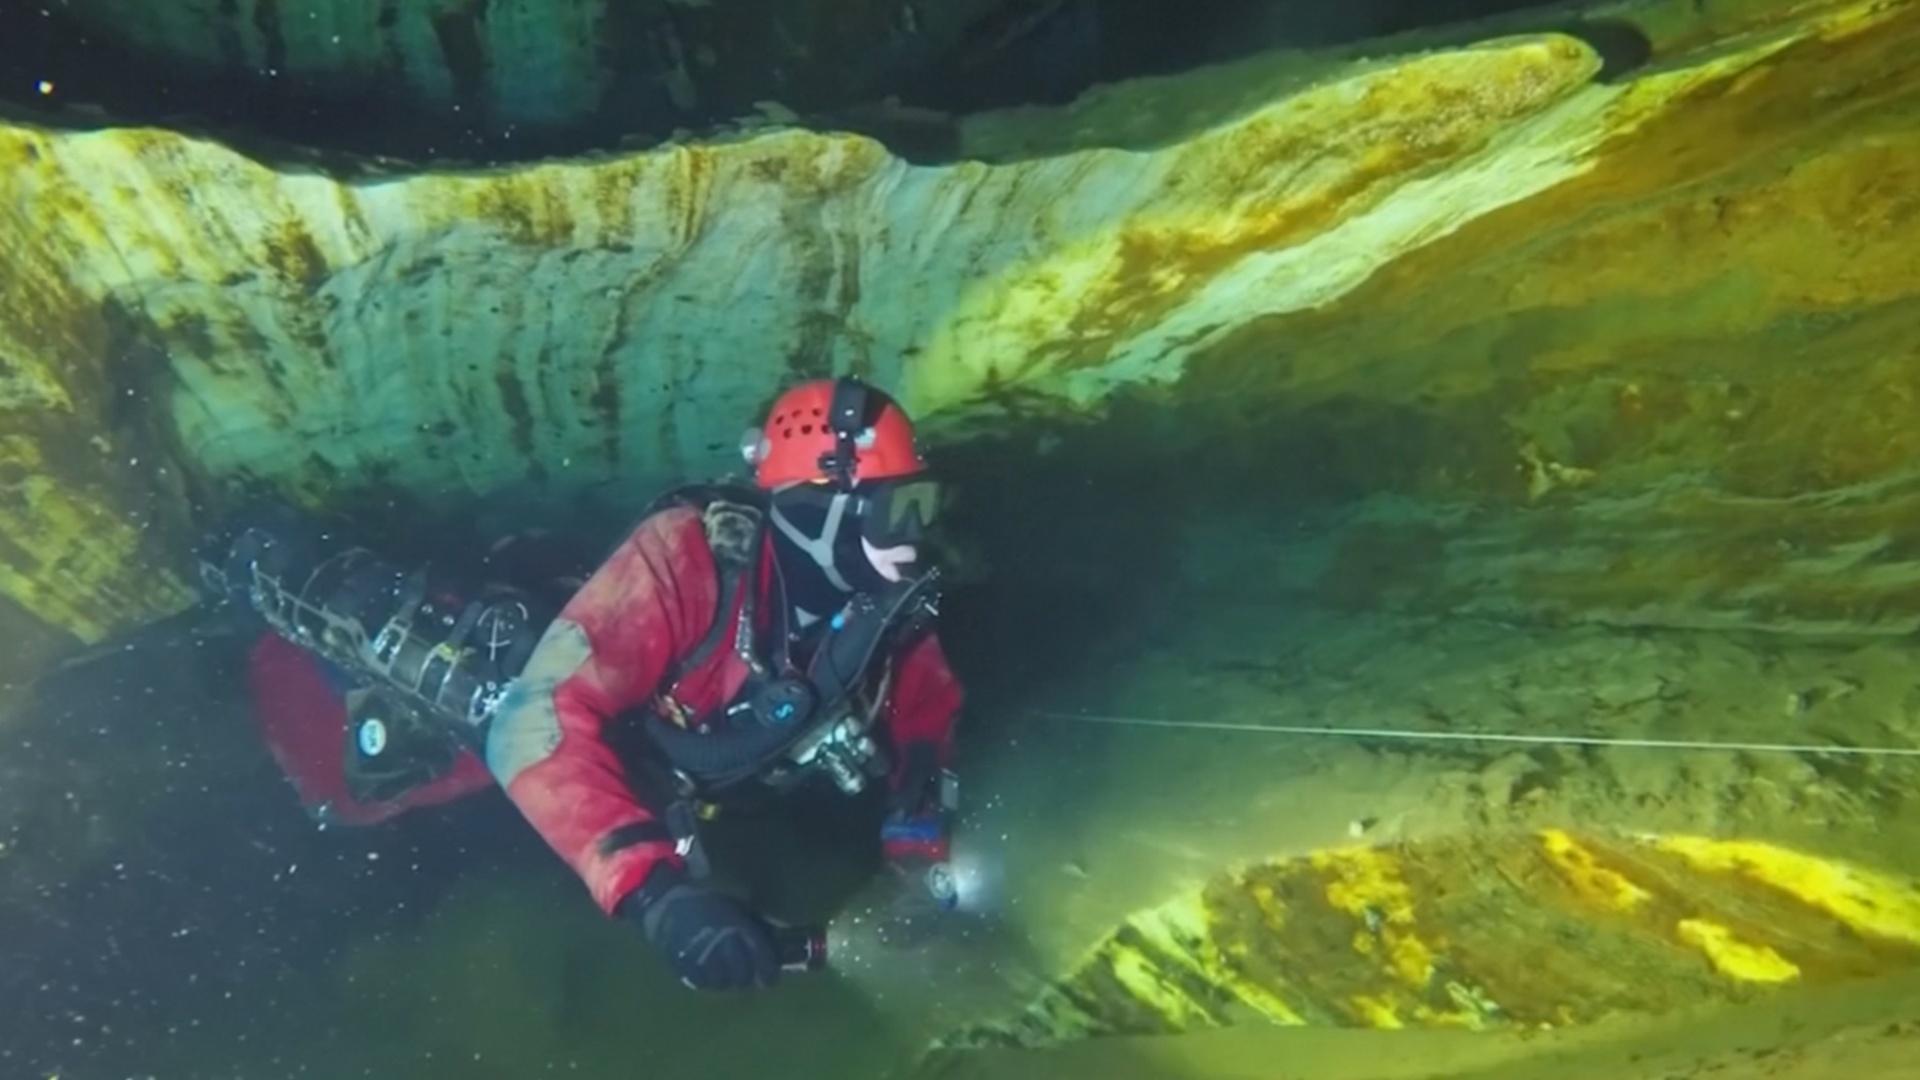 Чешские спелеологи придумали, как изучать пещеры по компьютеру